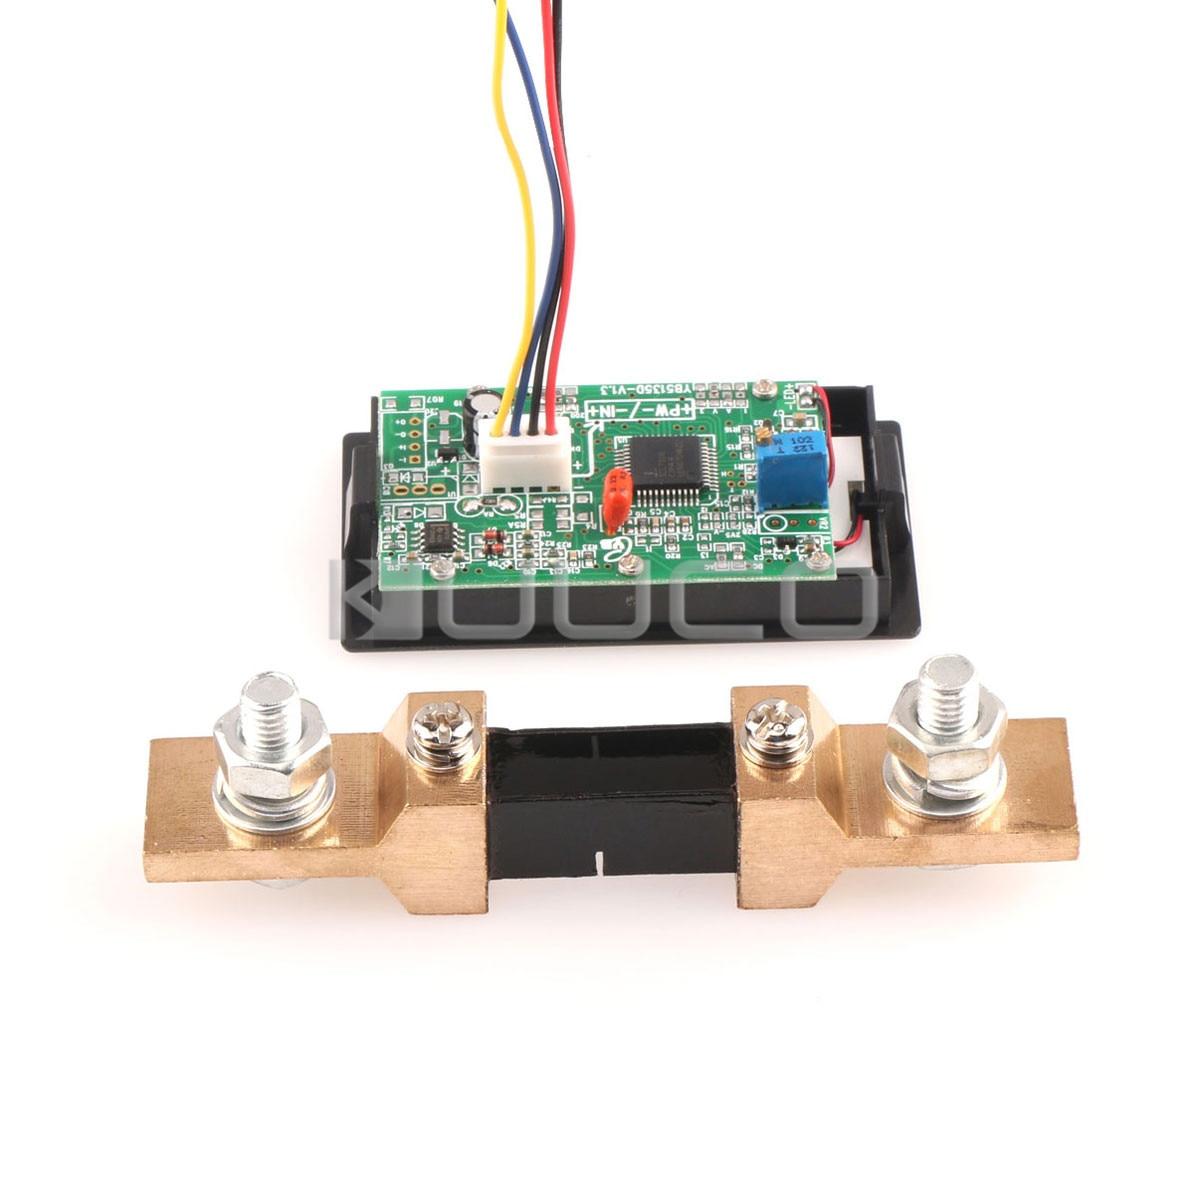 hight resolution of digital tester lcd ammeter ac 0 200a digital current meter ac dc 8v 12v amp meter gauge ampere meter shunt resistor in instrument parts accessories